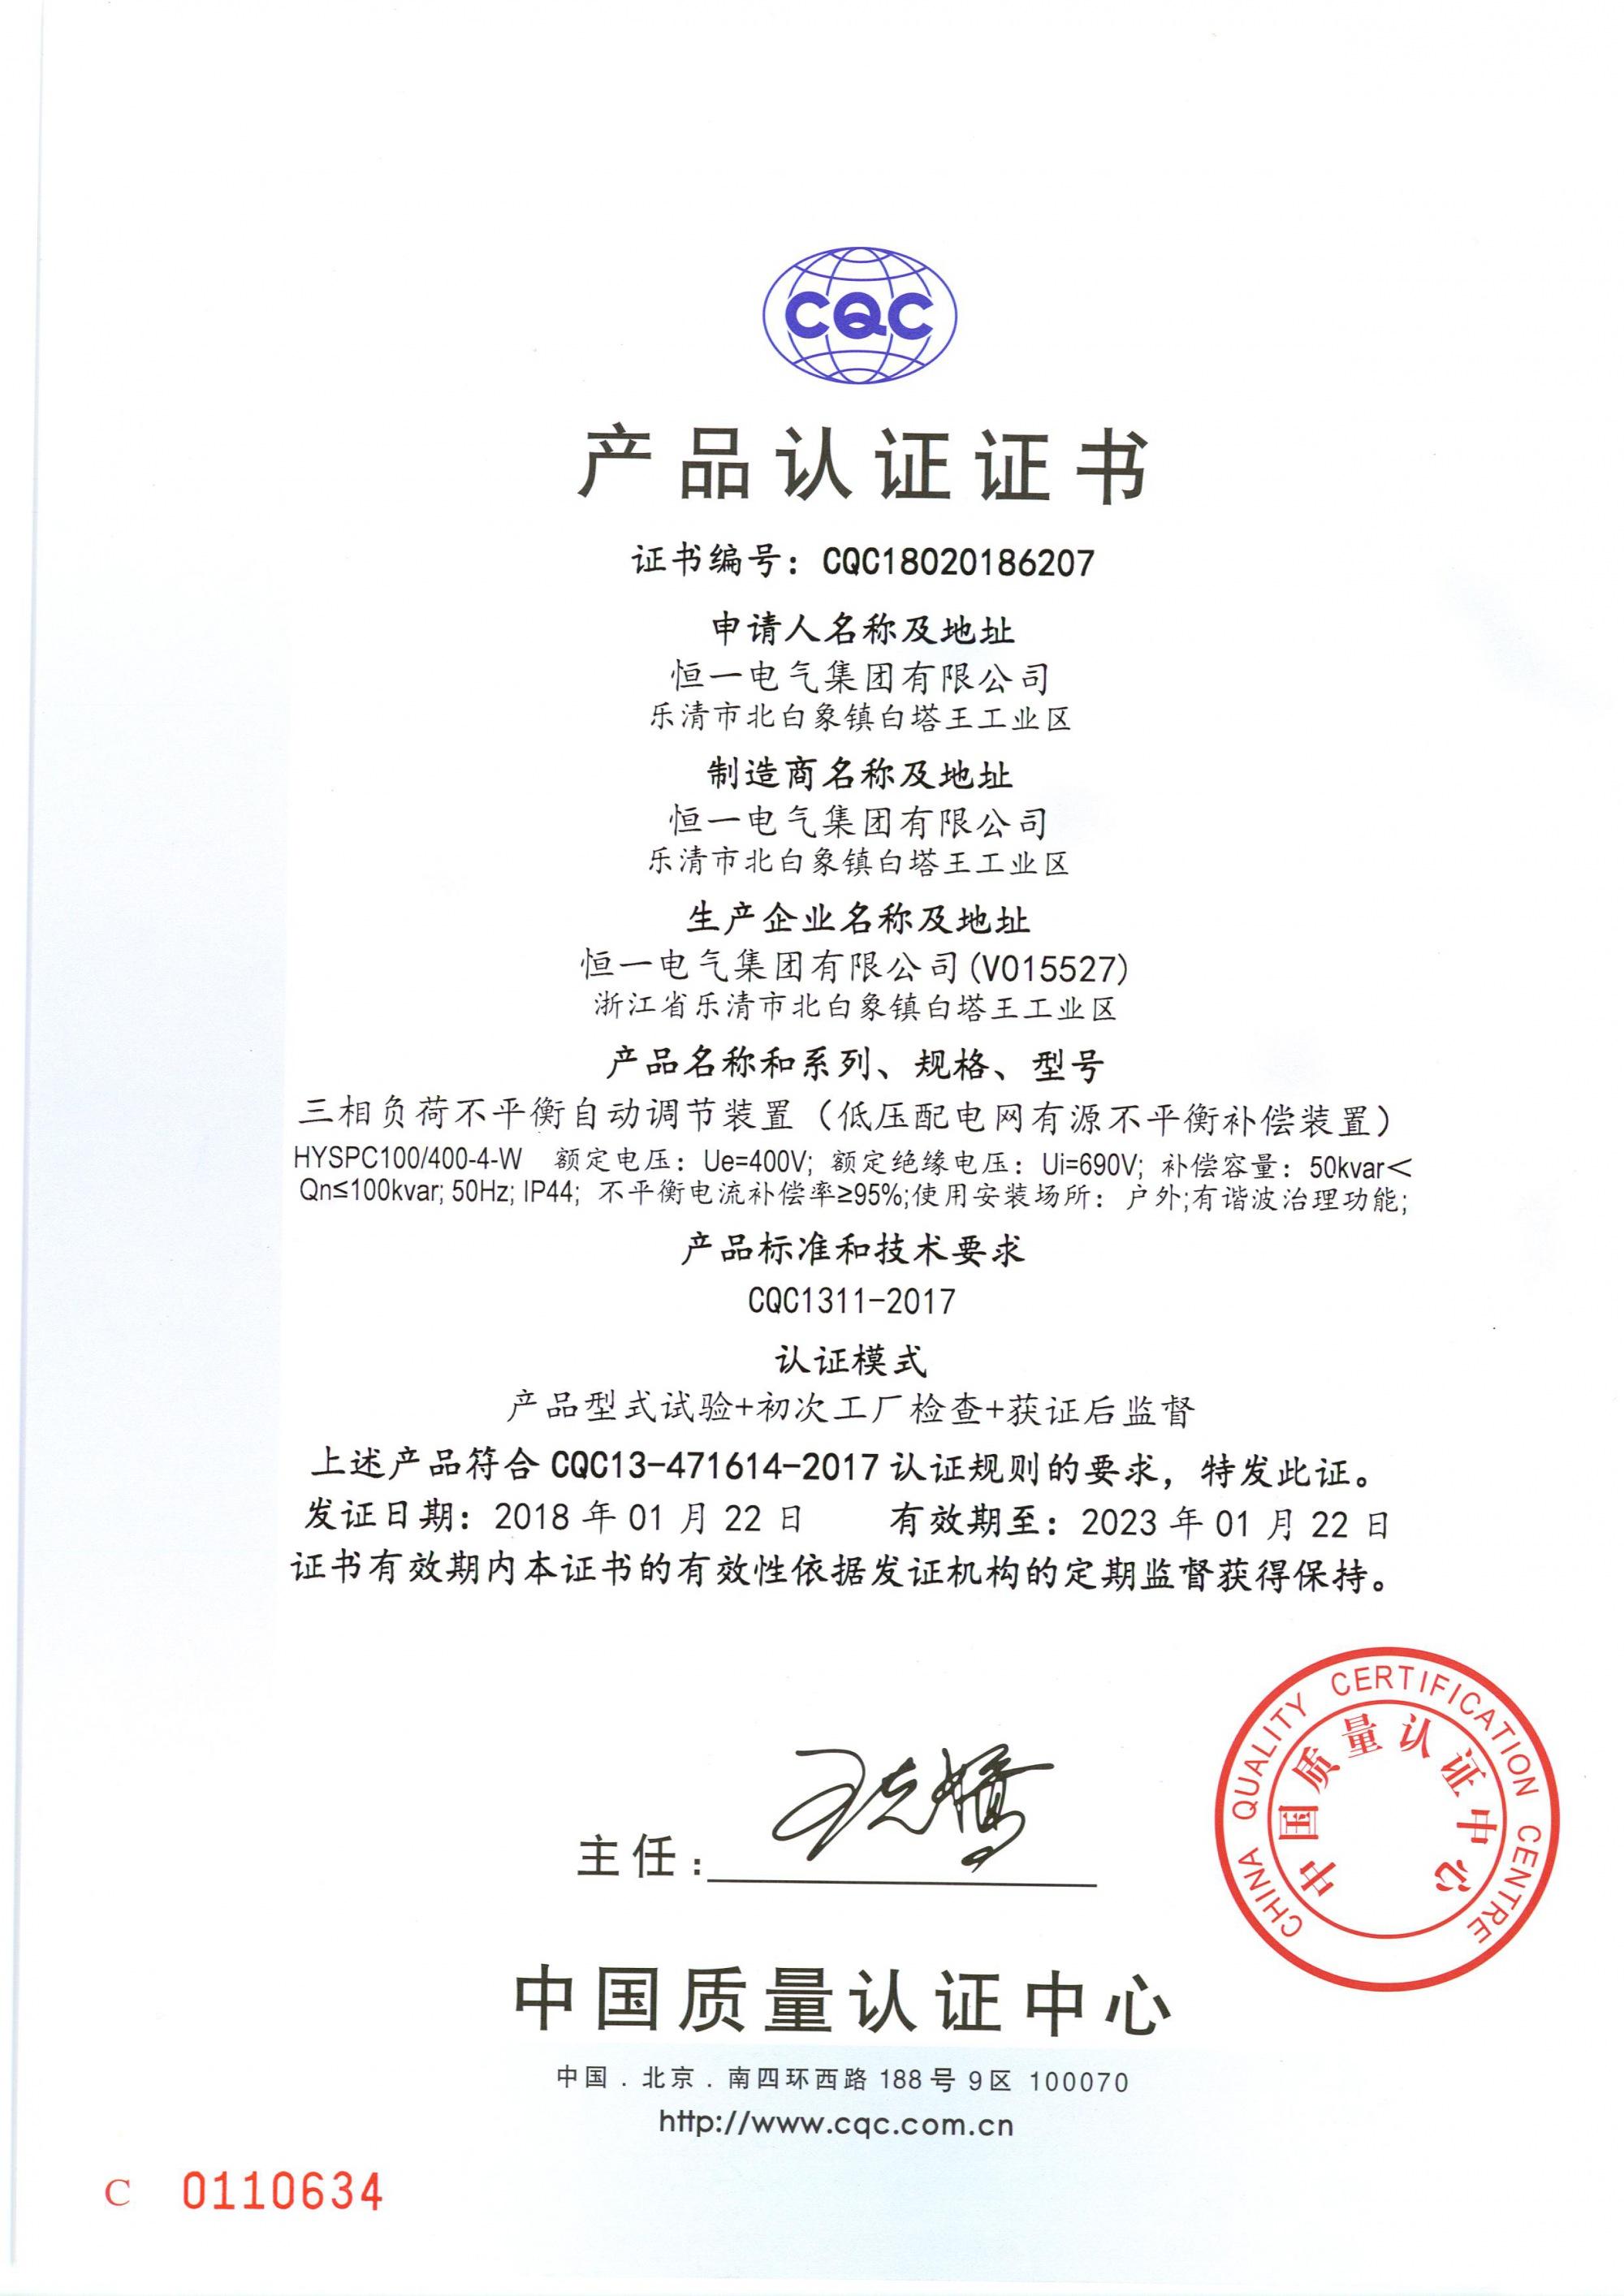 HYSPC产品认证证书